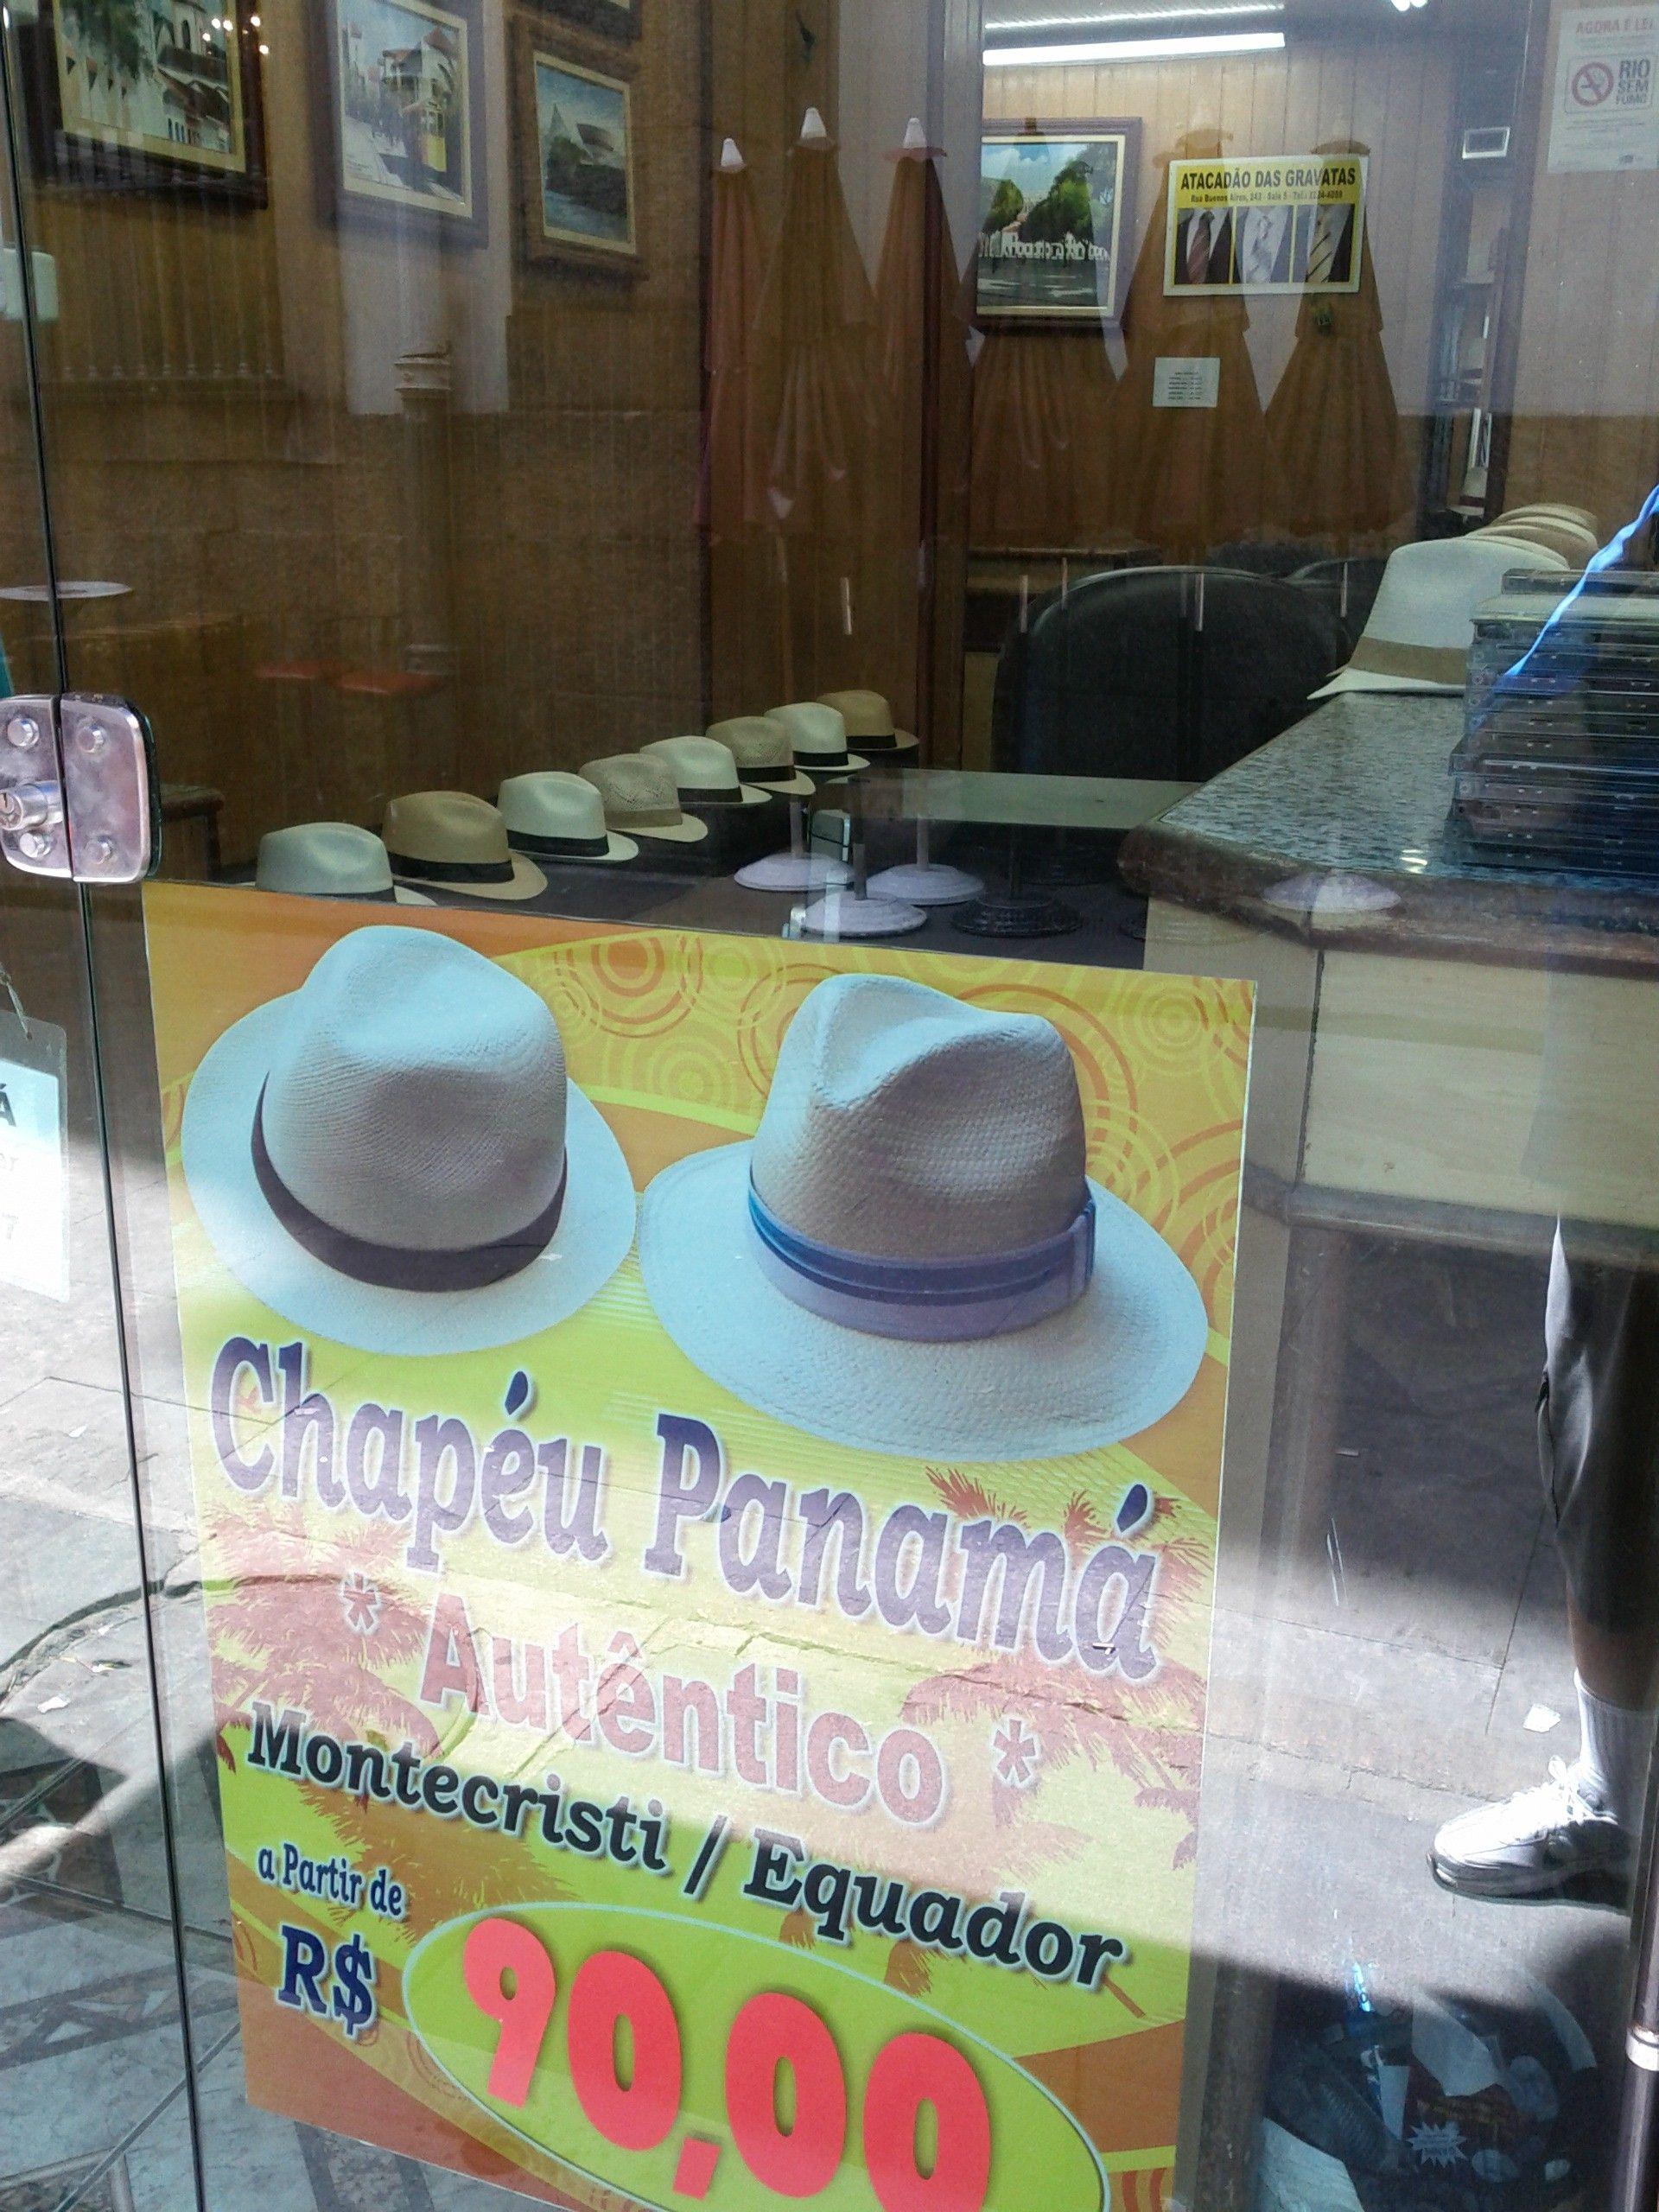 Loja de chapéus panamá no centro do Rio